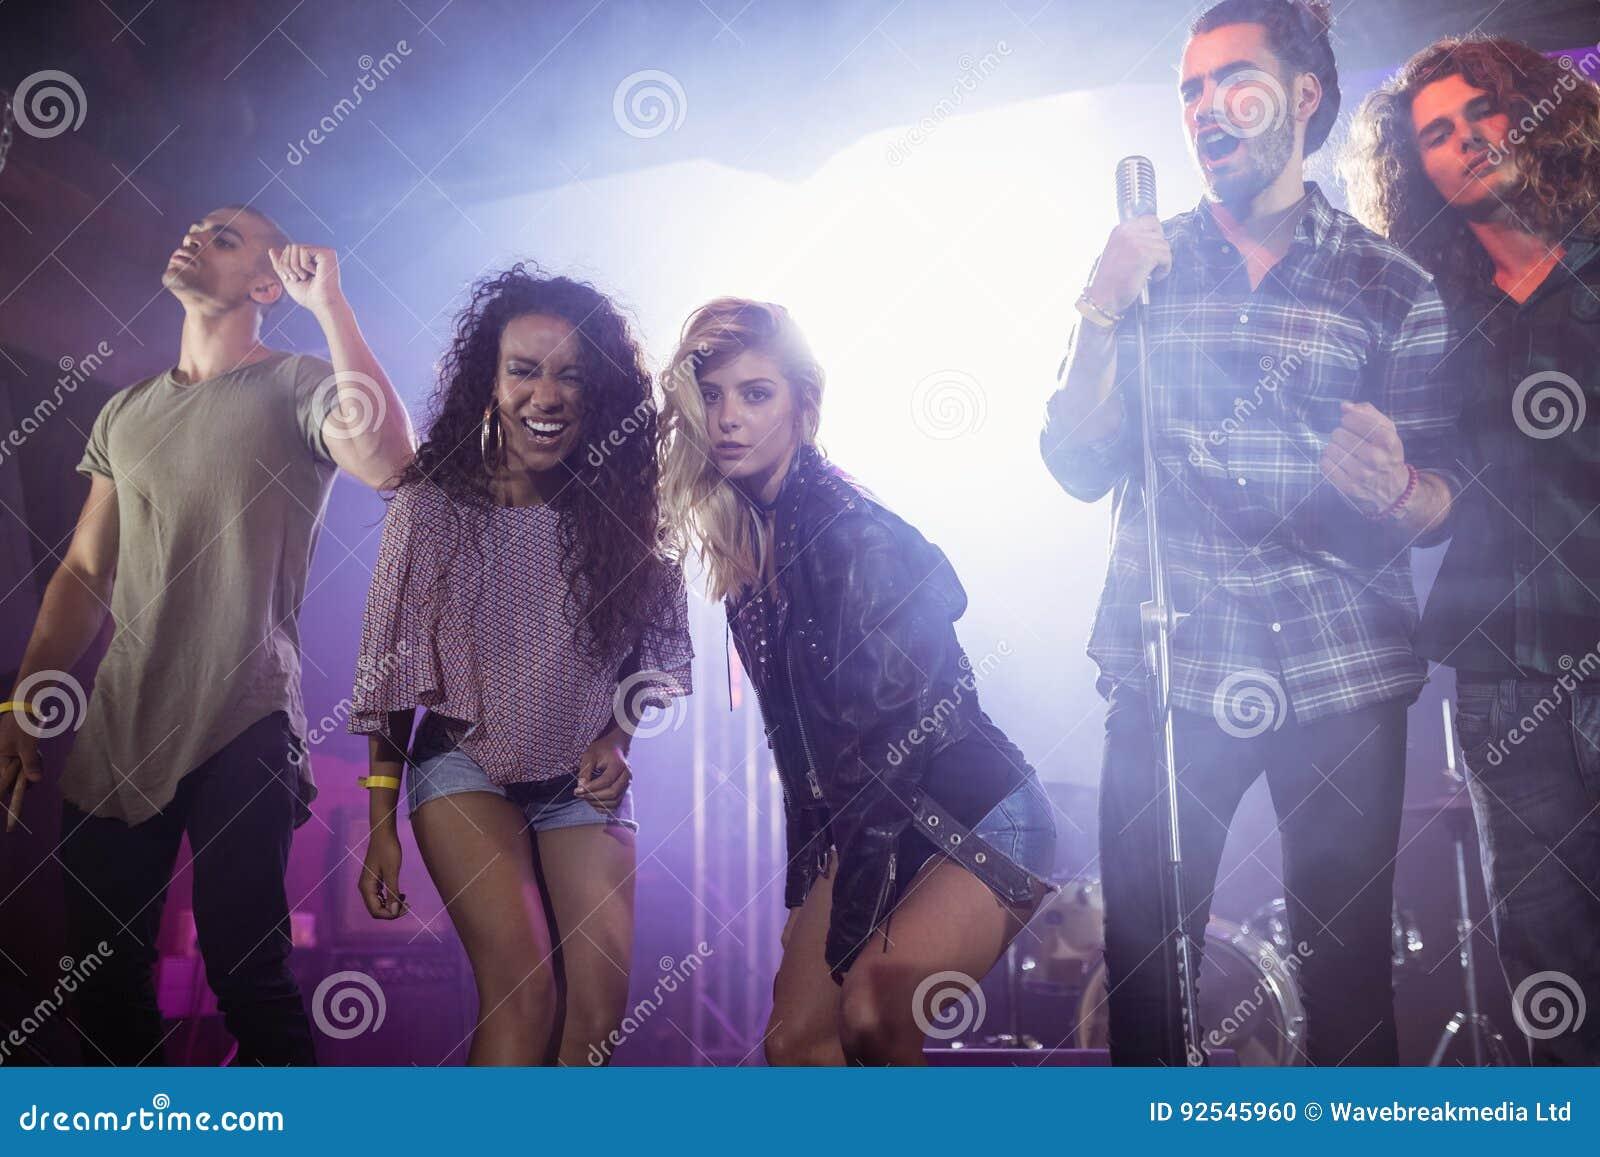 女性音乐家画象有男性执行者的夜总会的